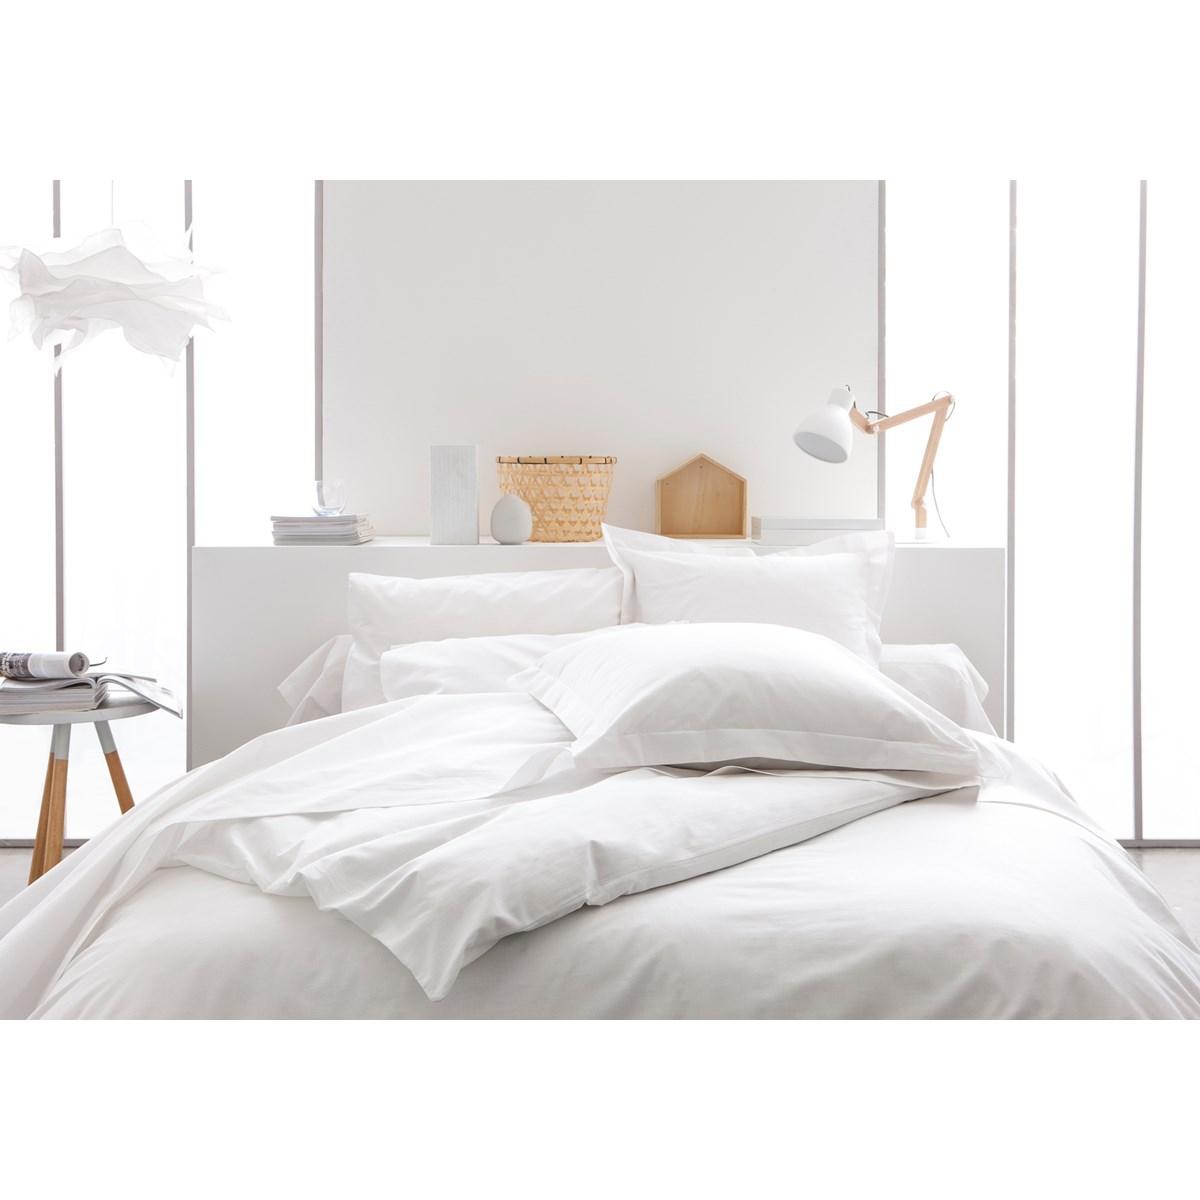 Housse de couette uni  en Coton  Blanc 220x240 cm